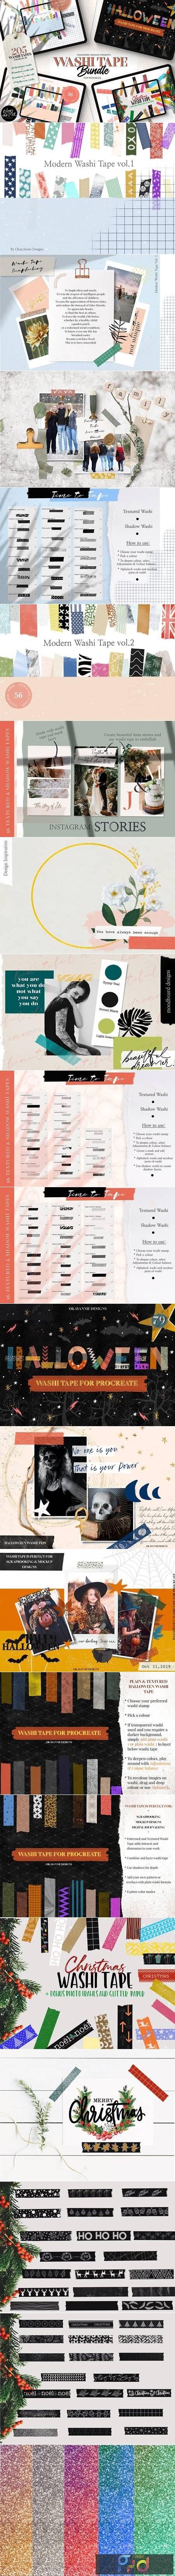 205 Washi Tape Bundle for Procreate 5489982 1